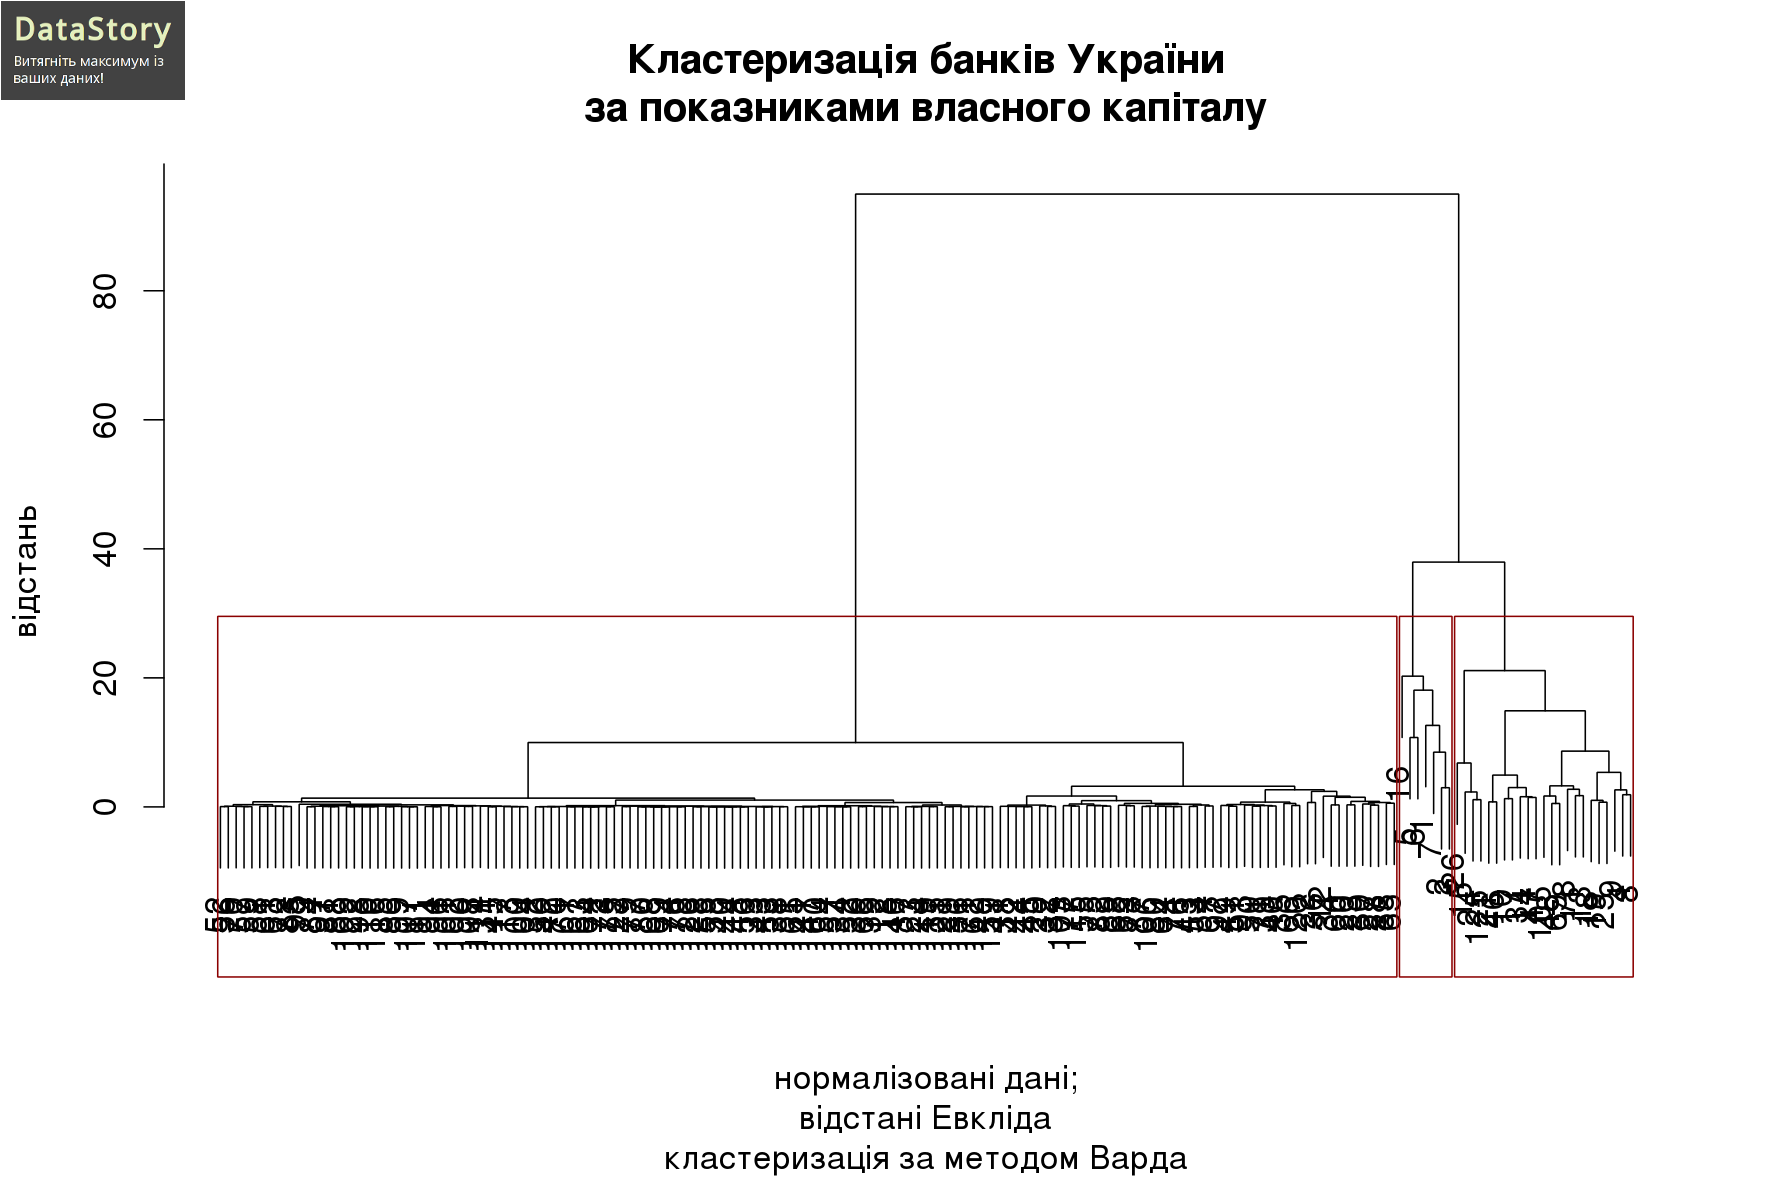 Кластеризація банків України за показниками власного капіталу